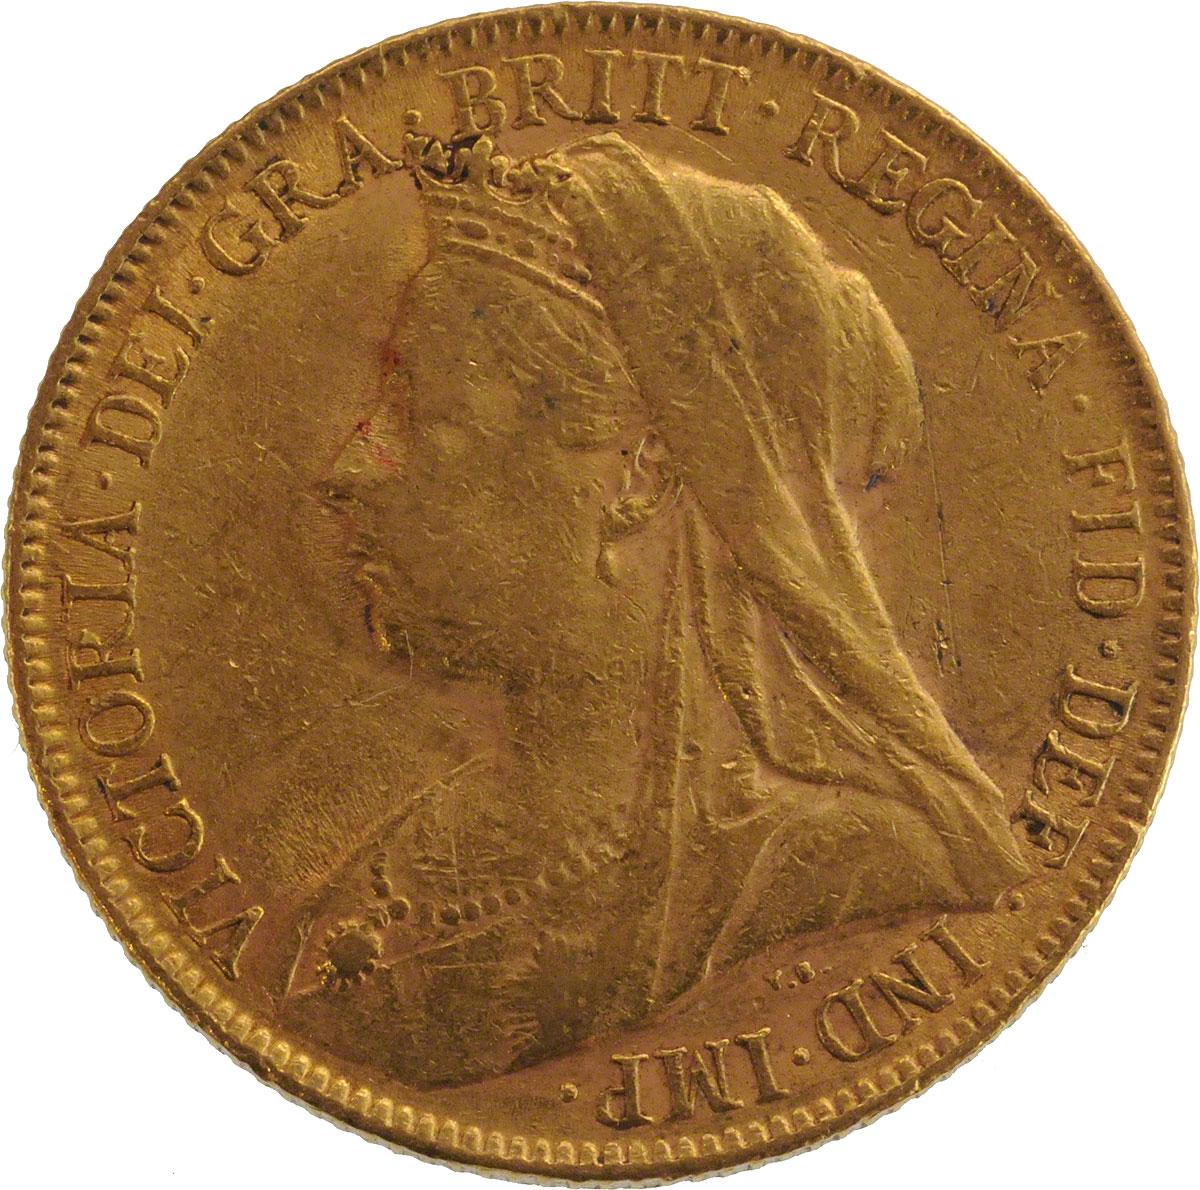 1900 Βικτώρια (Νομισματοκοπείο Περθ)